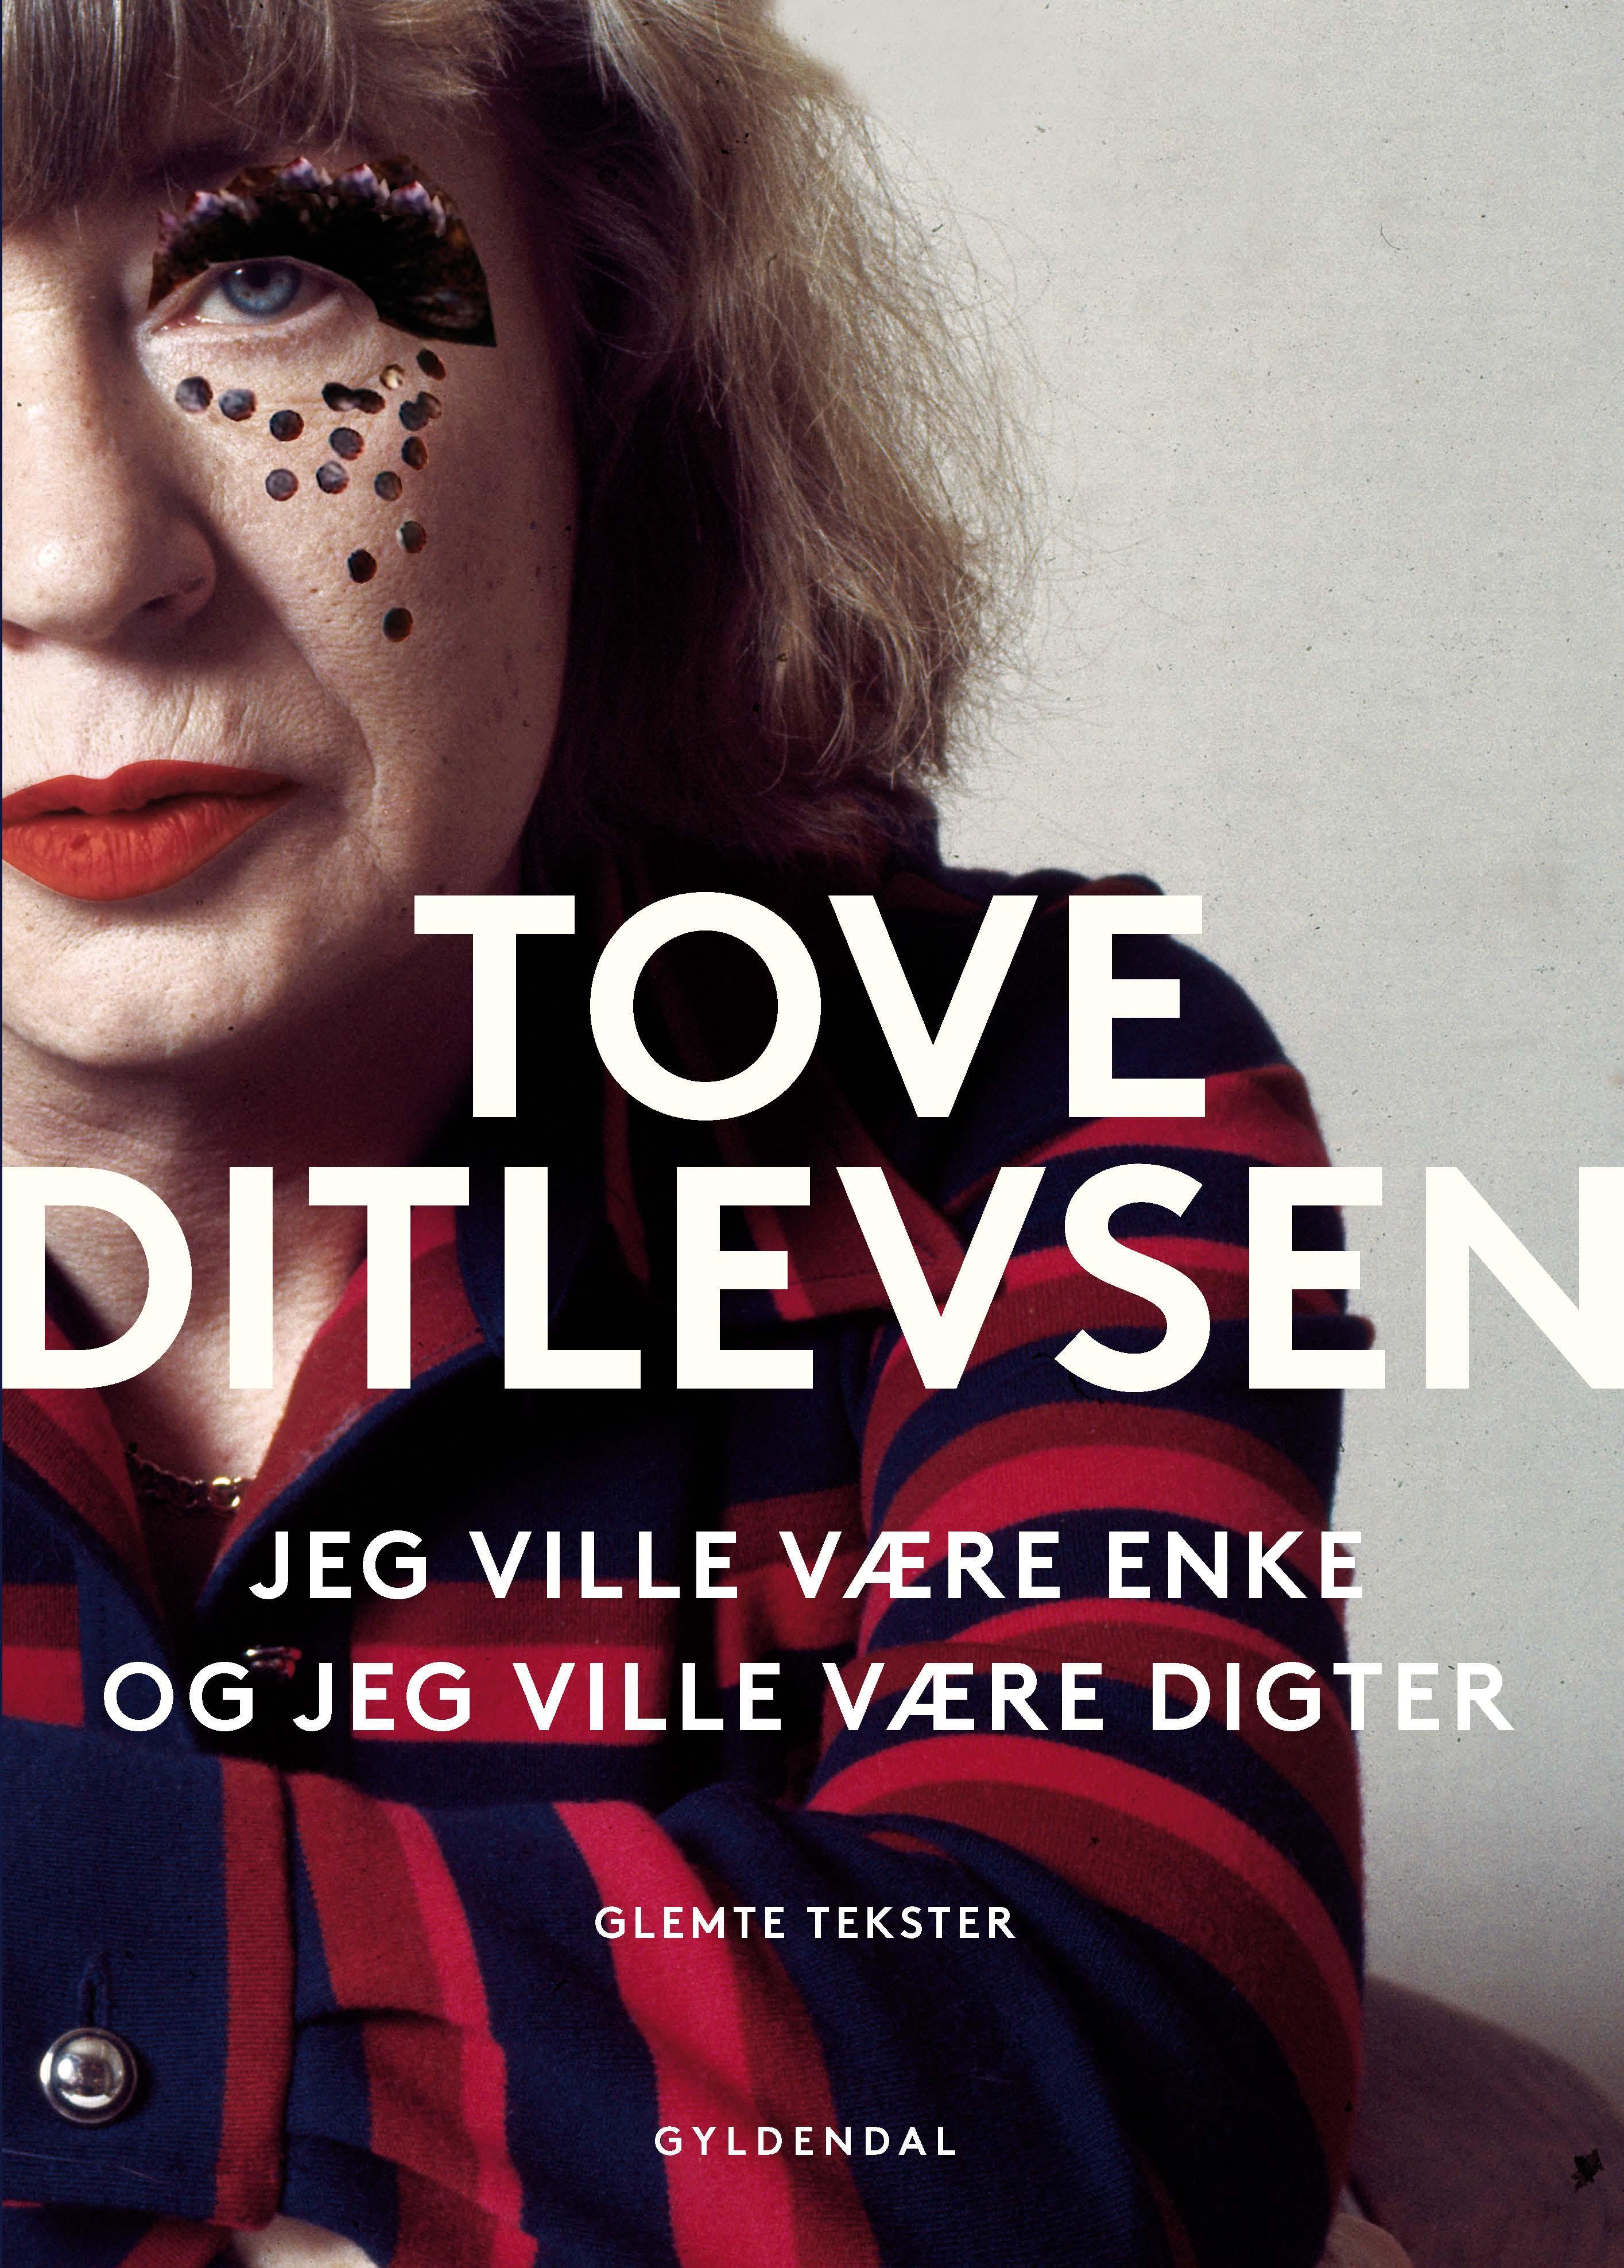 Tove Ditlevsen: Jeg ville være enke, og jeg ville være digter (redigeret af Olga Ravn)